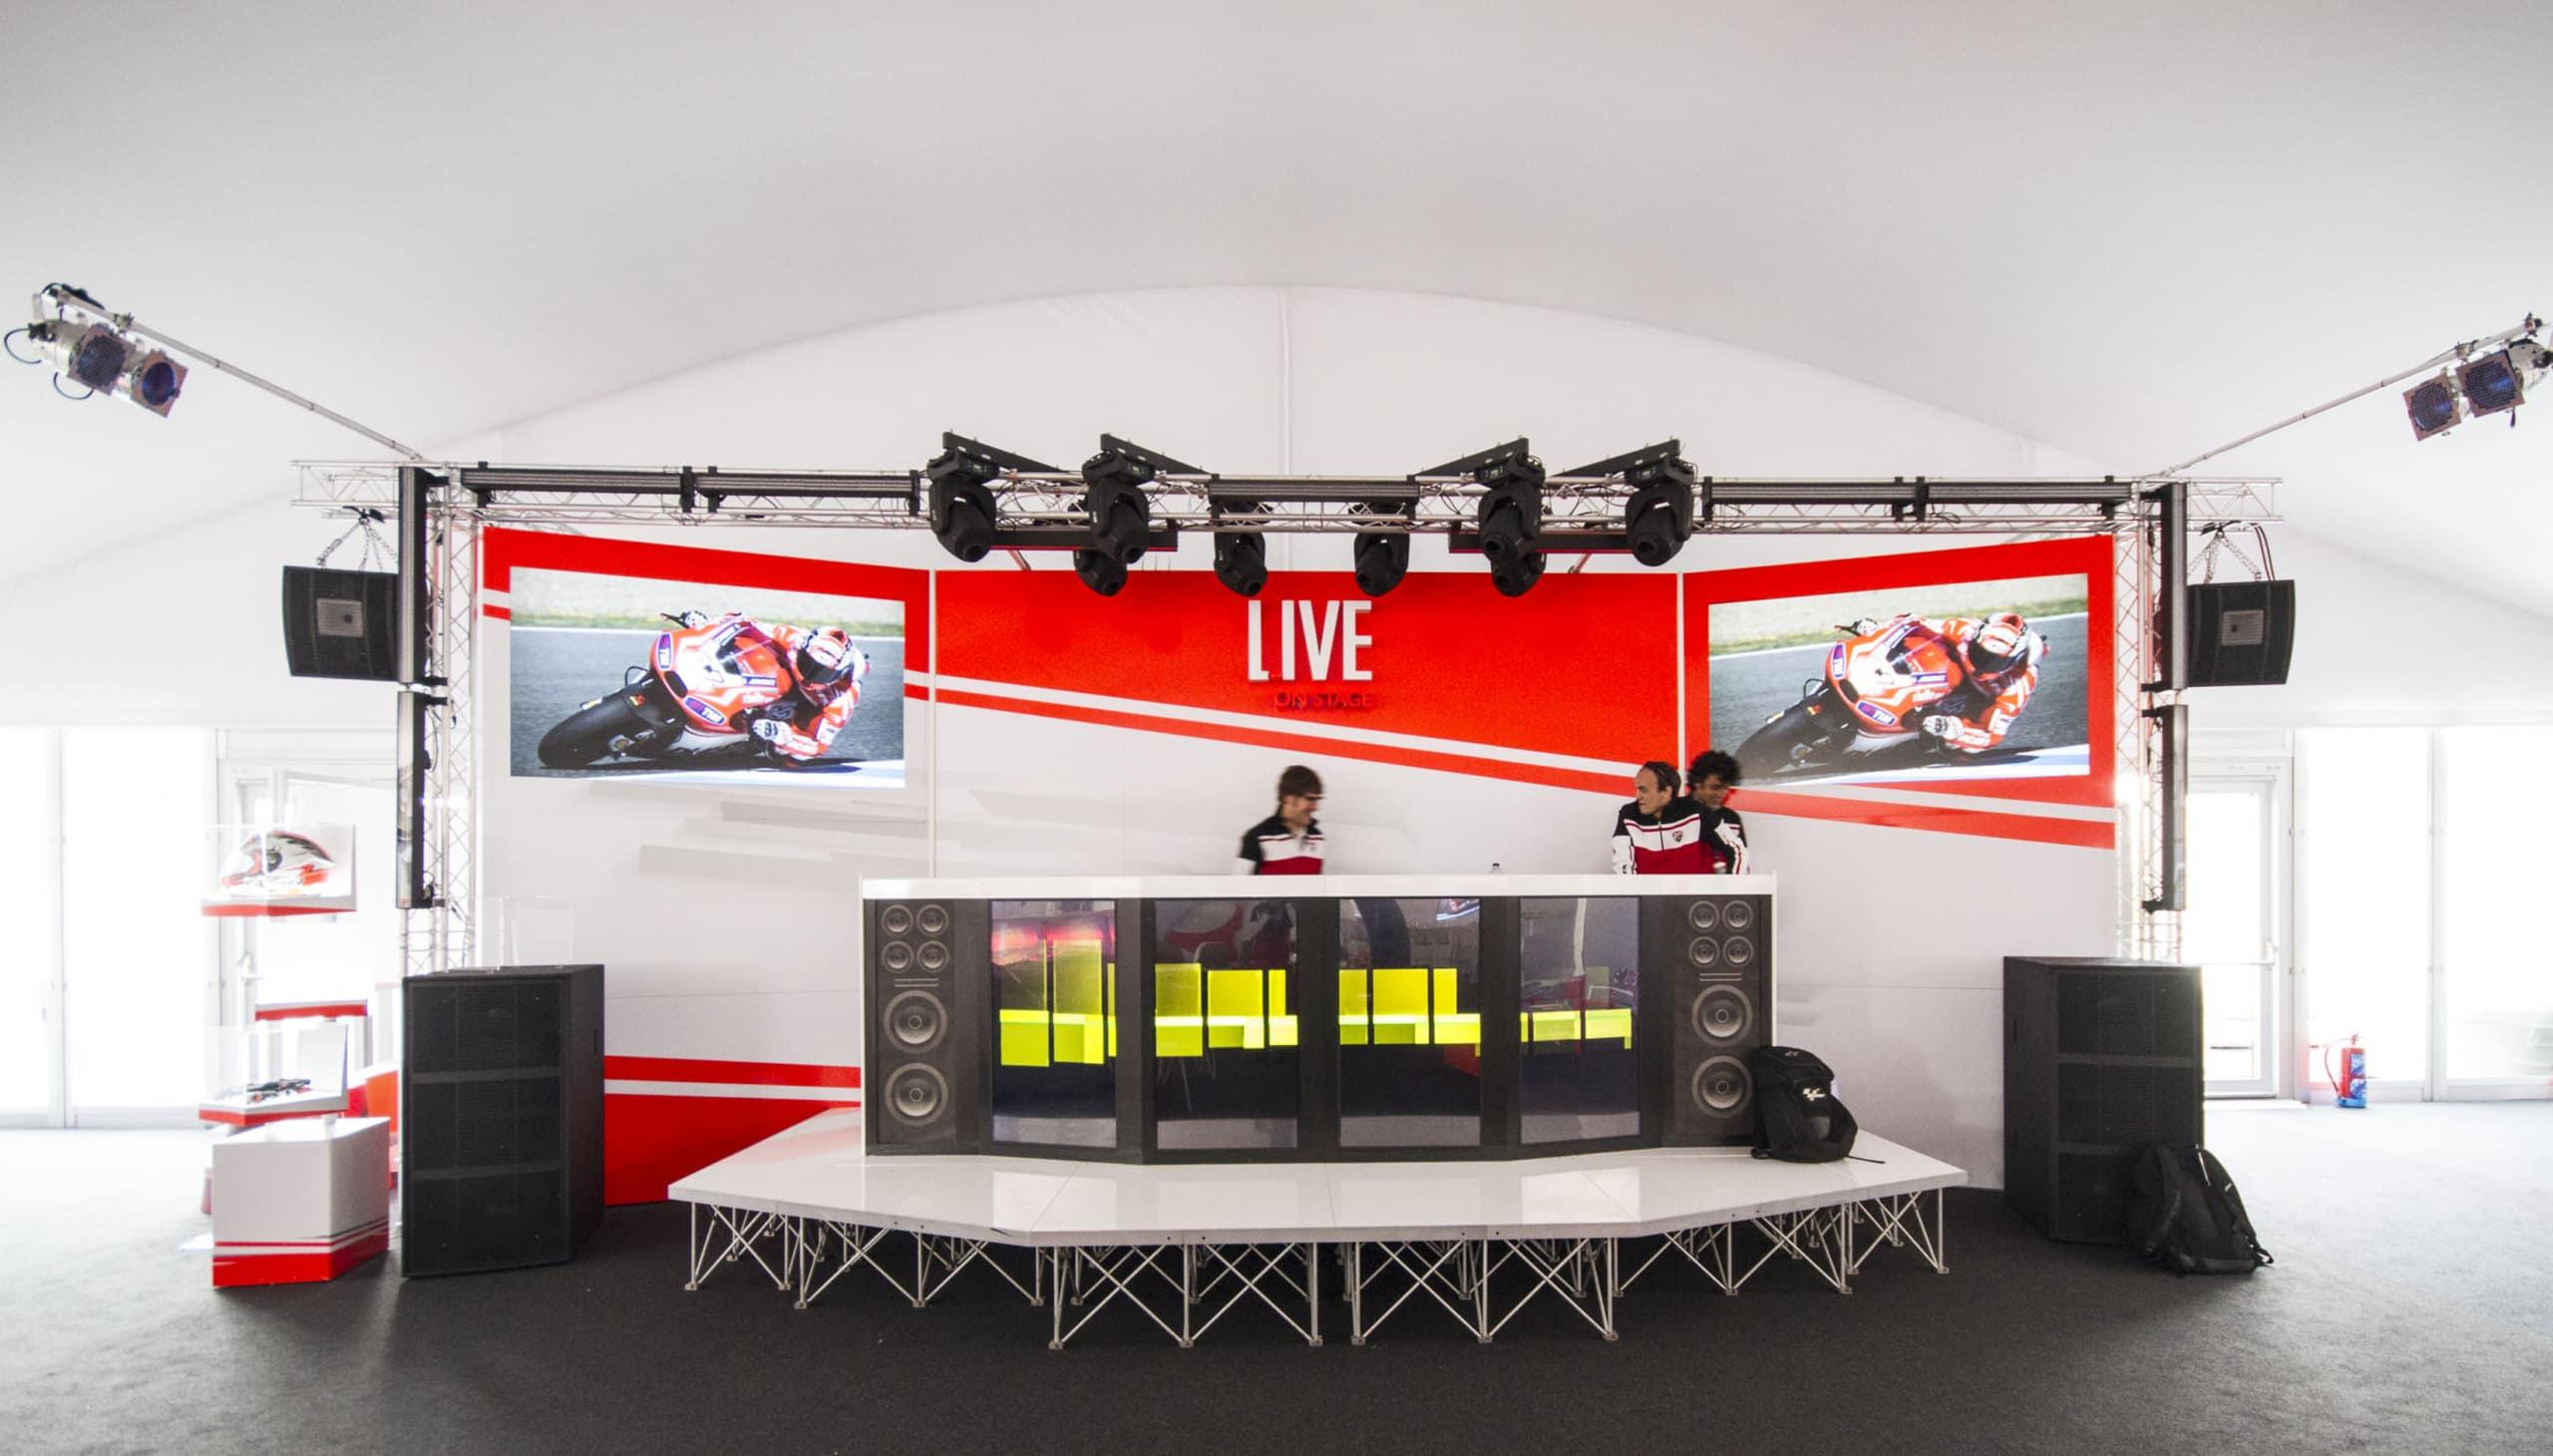 Diseño y montaje de áreas privadas para eventos. VIP Village. Proyecto realizado para Phillip Morris en el Mundial de MotoGP.